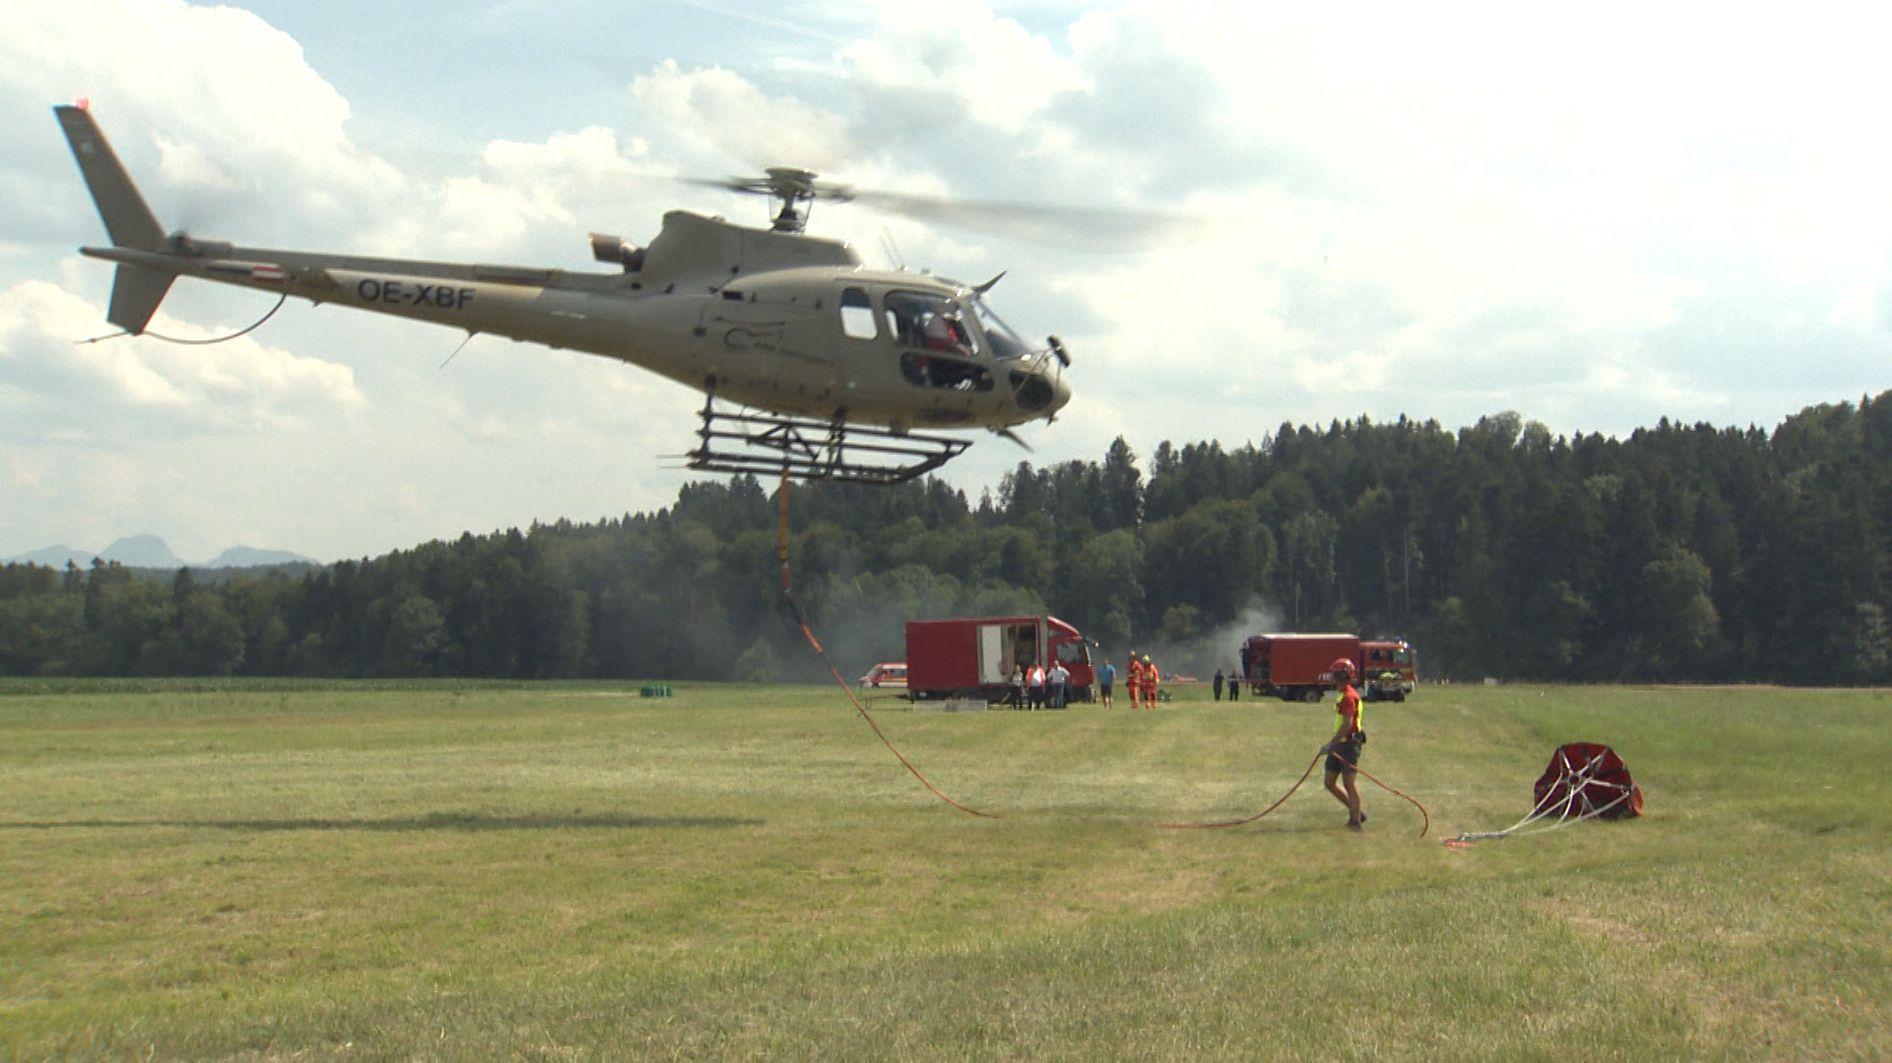 Hubschrauber schwebt wenige Meter über einer Wiese, im Hintergrund Feuerwehr und Rauch